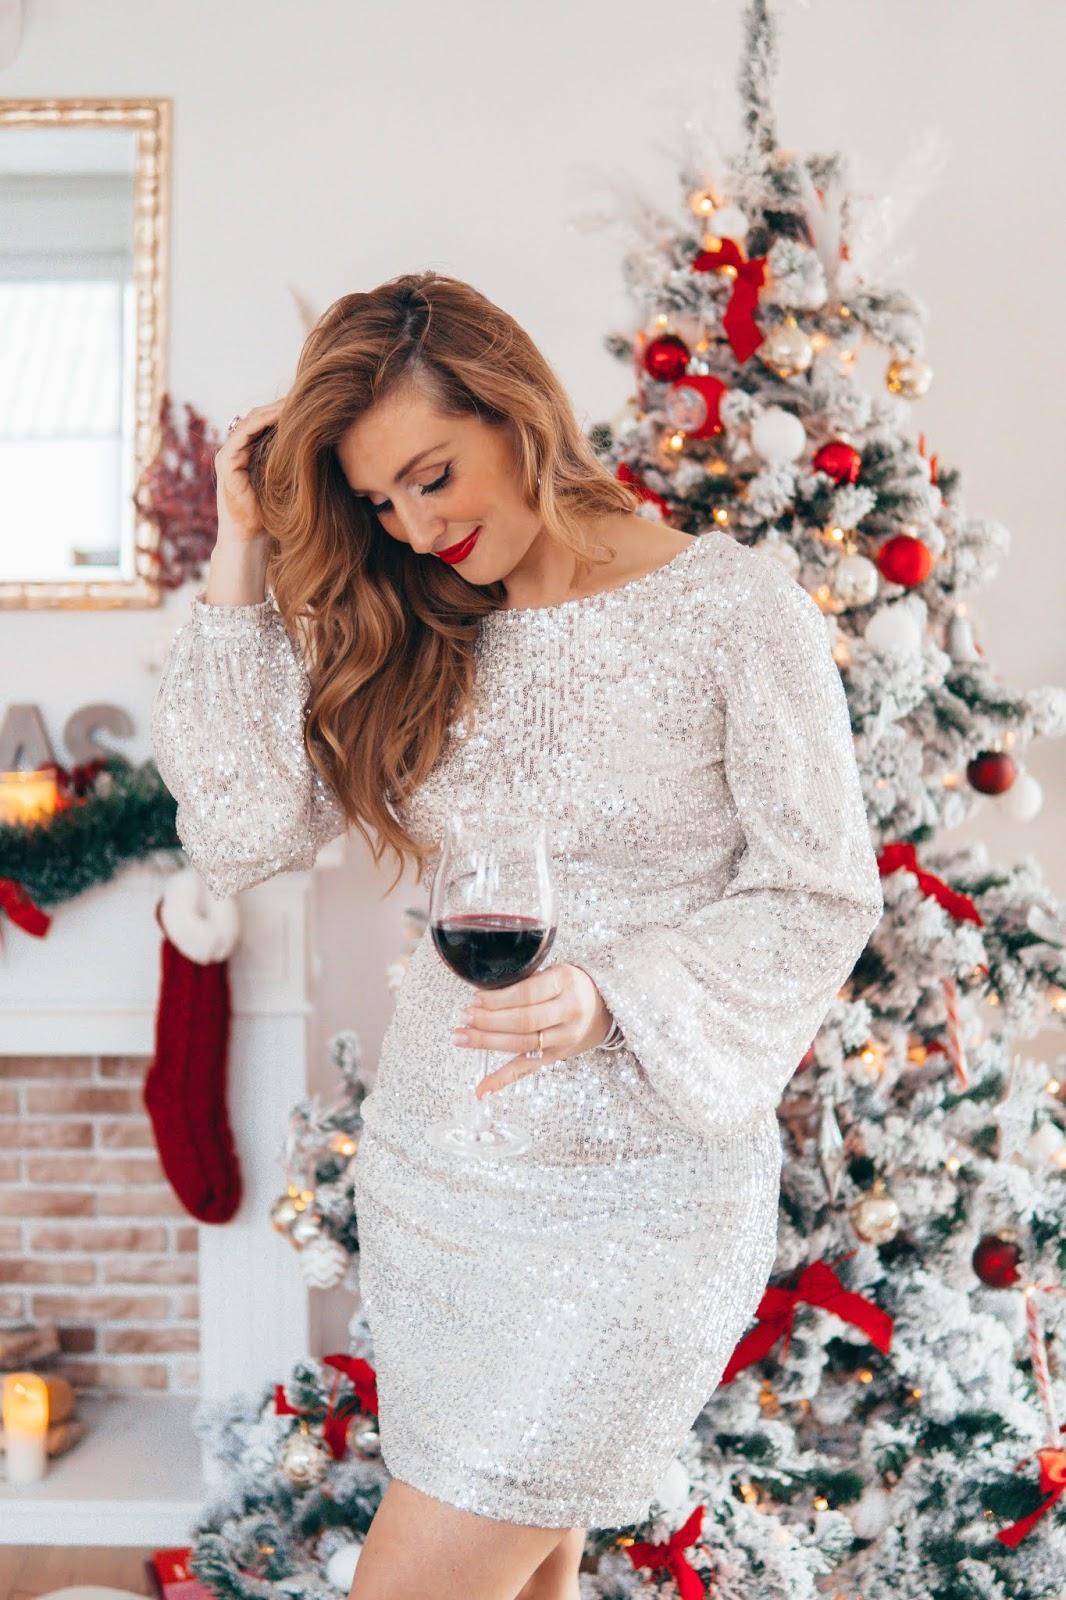 NAKD Paillettenkleid Weihnachtliches Outfit. Angesagter Trend